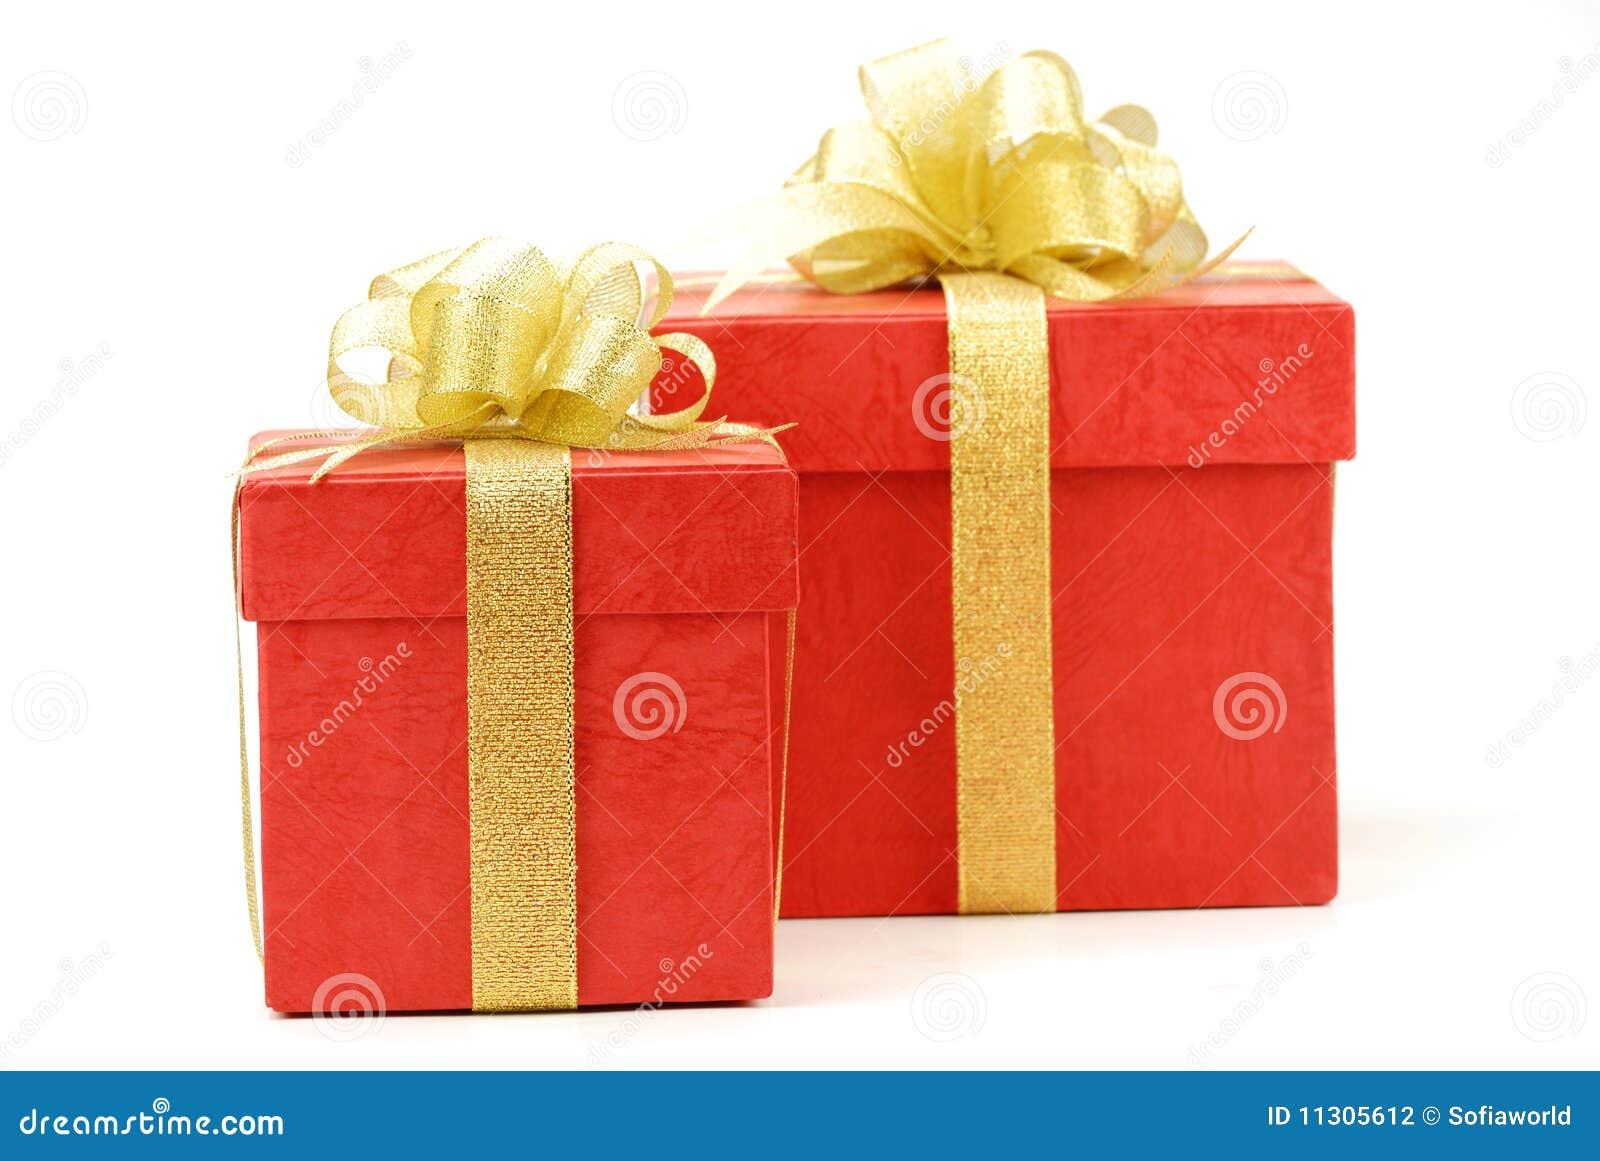 Roter Geschenkkasten getrennt auf dem weißen Hintergrund